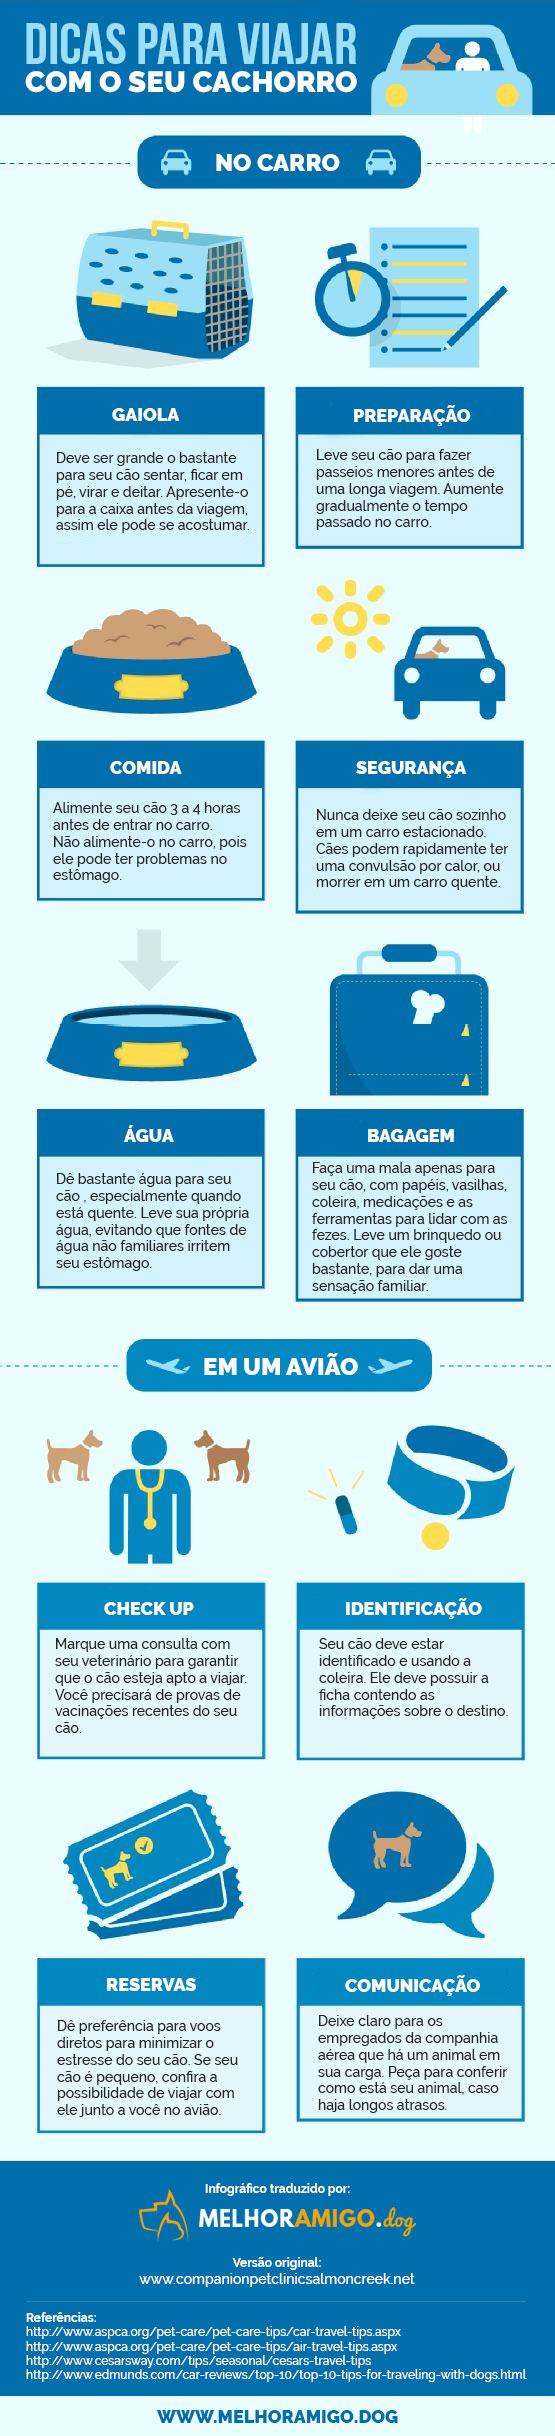 viajar-com-cachorro-dicas (1)